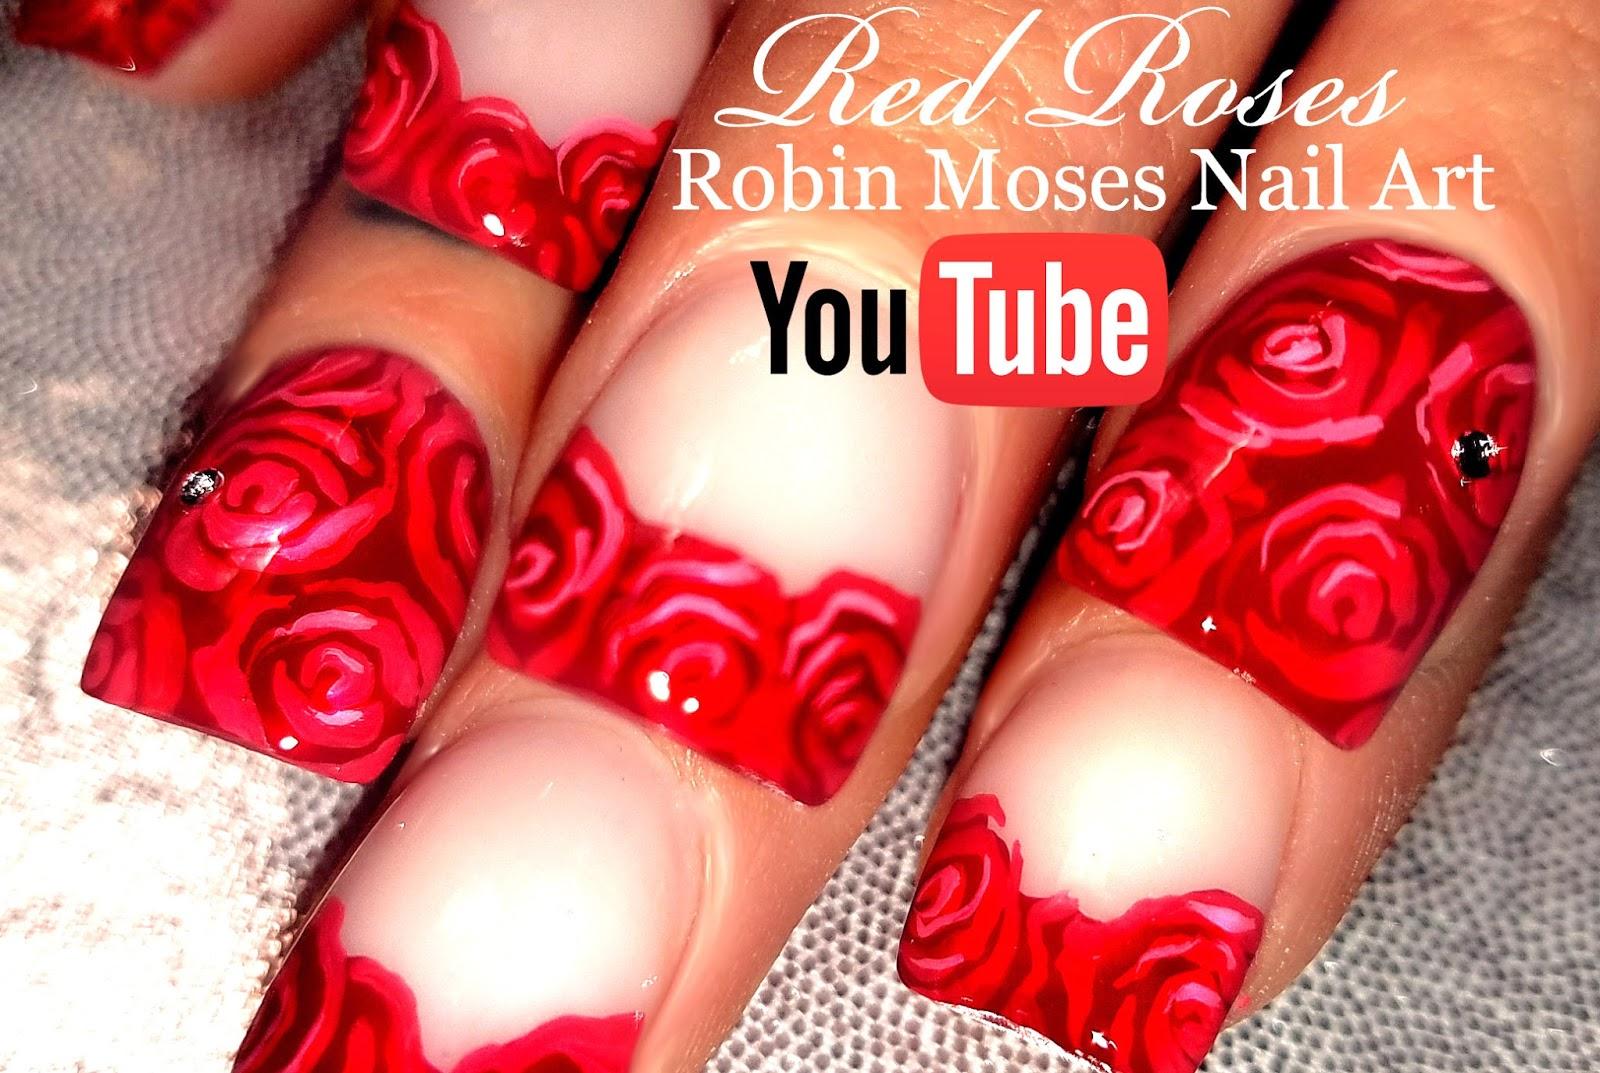 Robin moses nail art diy easy red rose nails romantic roses 65 videos play all diy easy red rose nails prinsesfo Choice Image